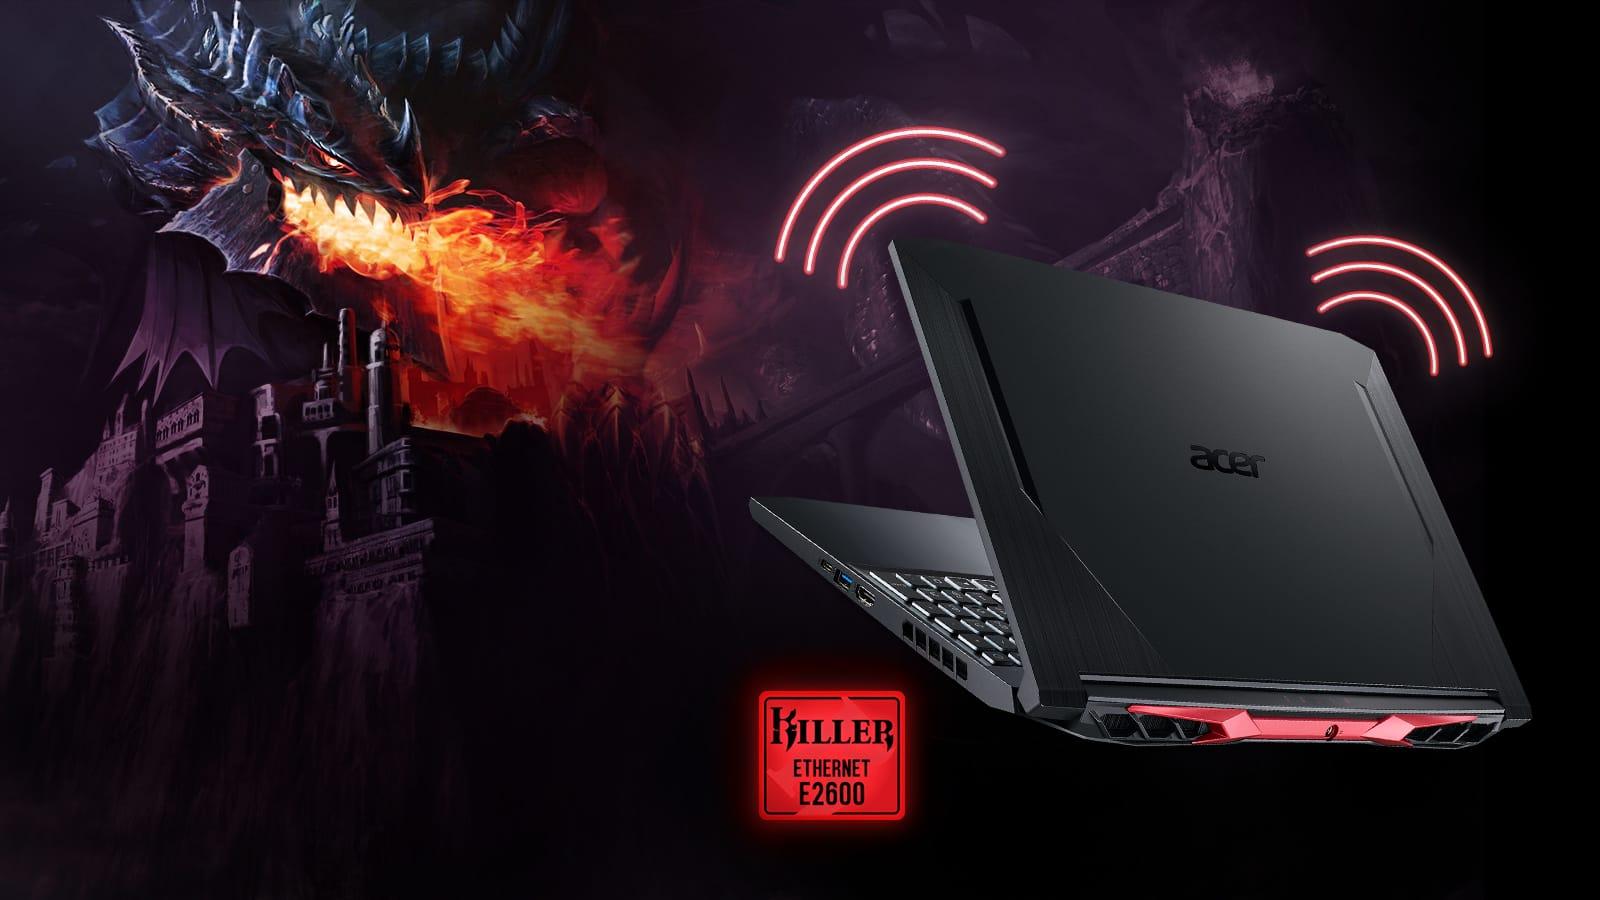 ACER NITRO 5 i5-10300H, 8GB, 512GB,  GTX 1650 4GB